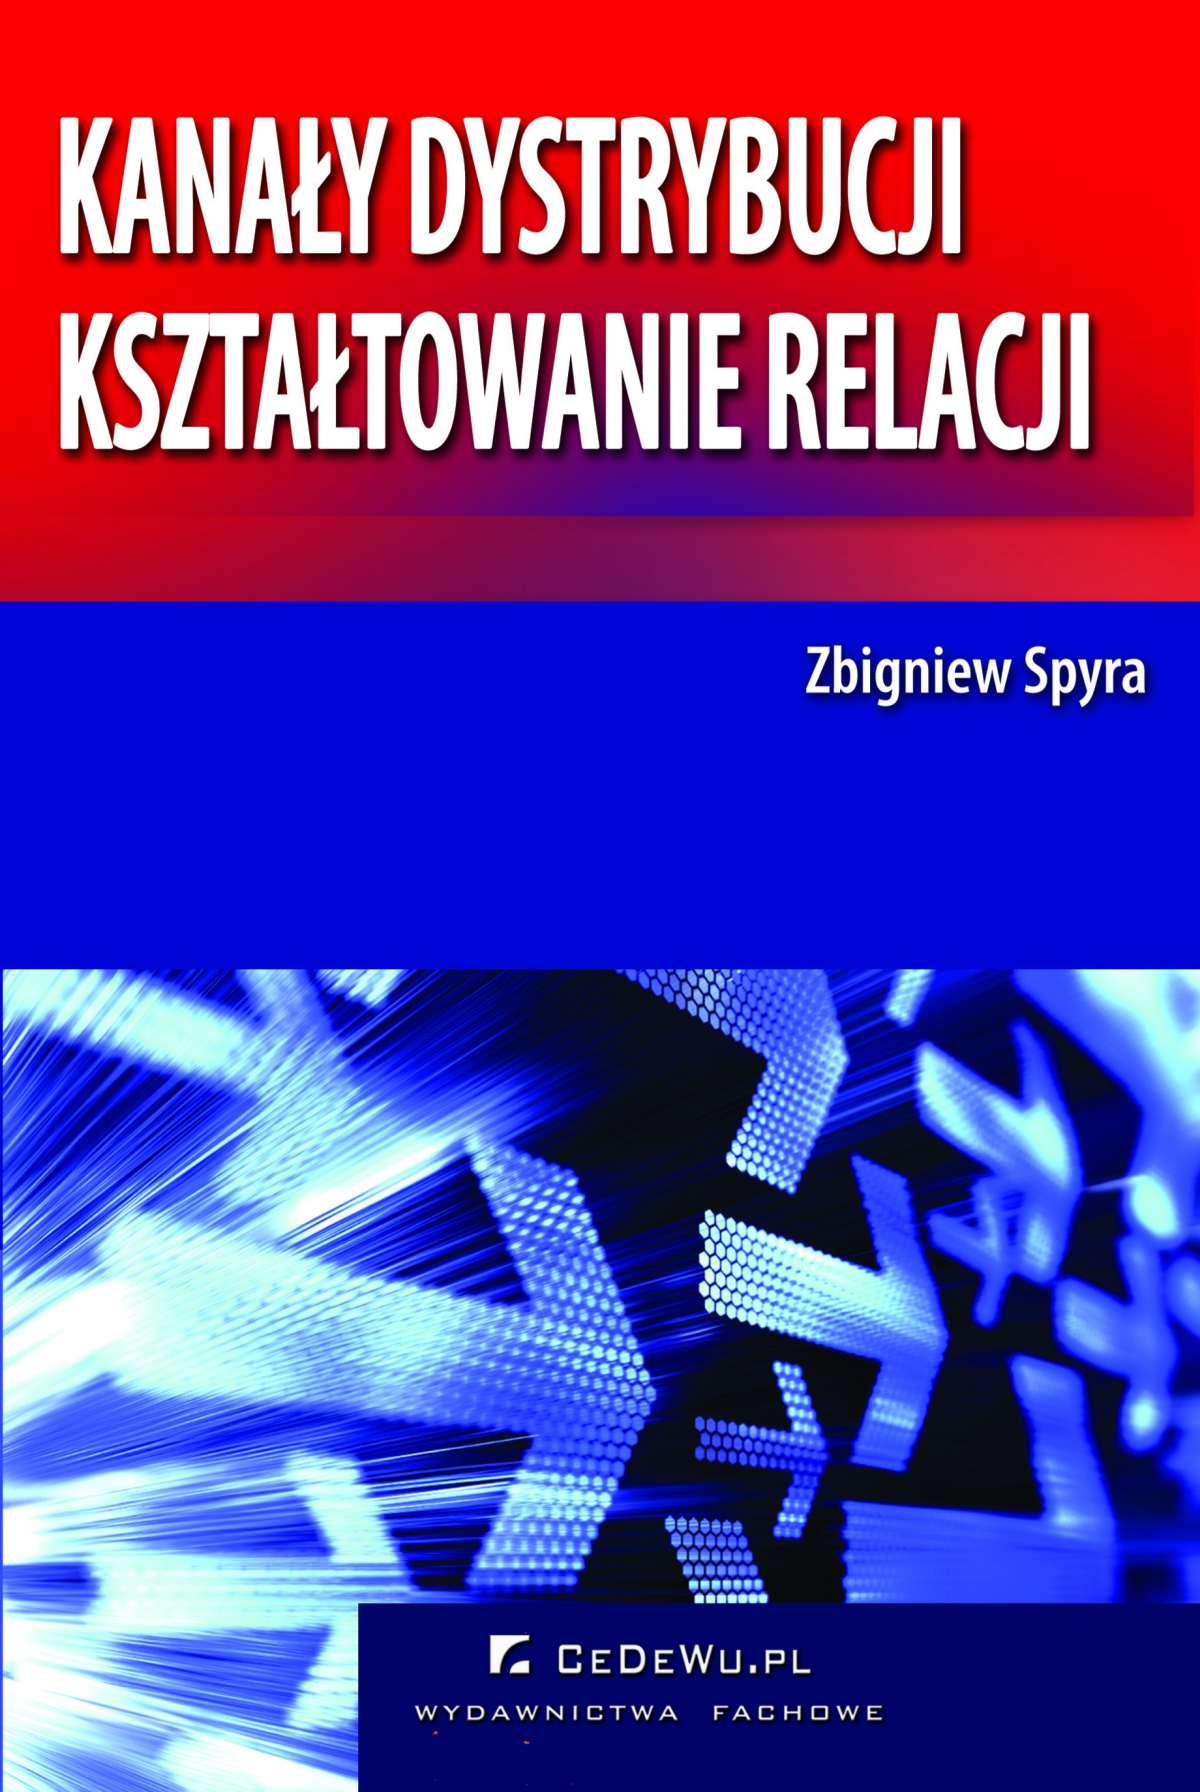 Kanały dystrybucji – kształtowanie relacji (wyd. II). Rozdział 3. Metodyka badań relacji międzyorganizacyjnych w kanale dystrybucji - Ebook (Książka PDF) do pobrania w formacie PDF